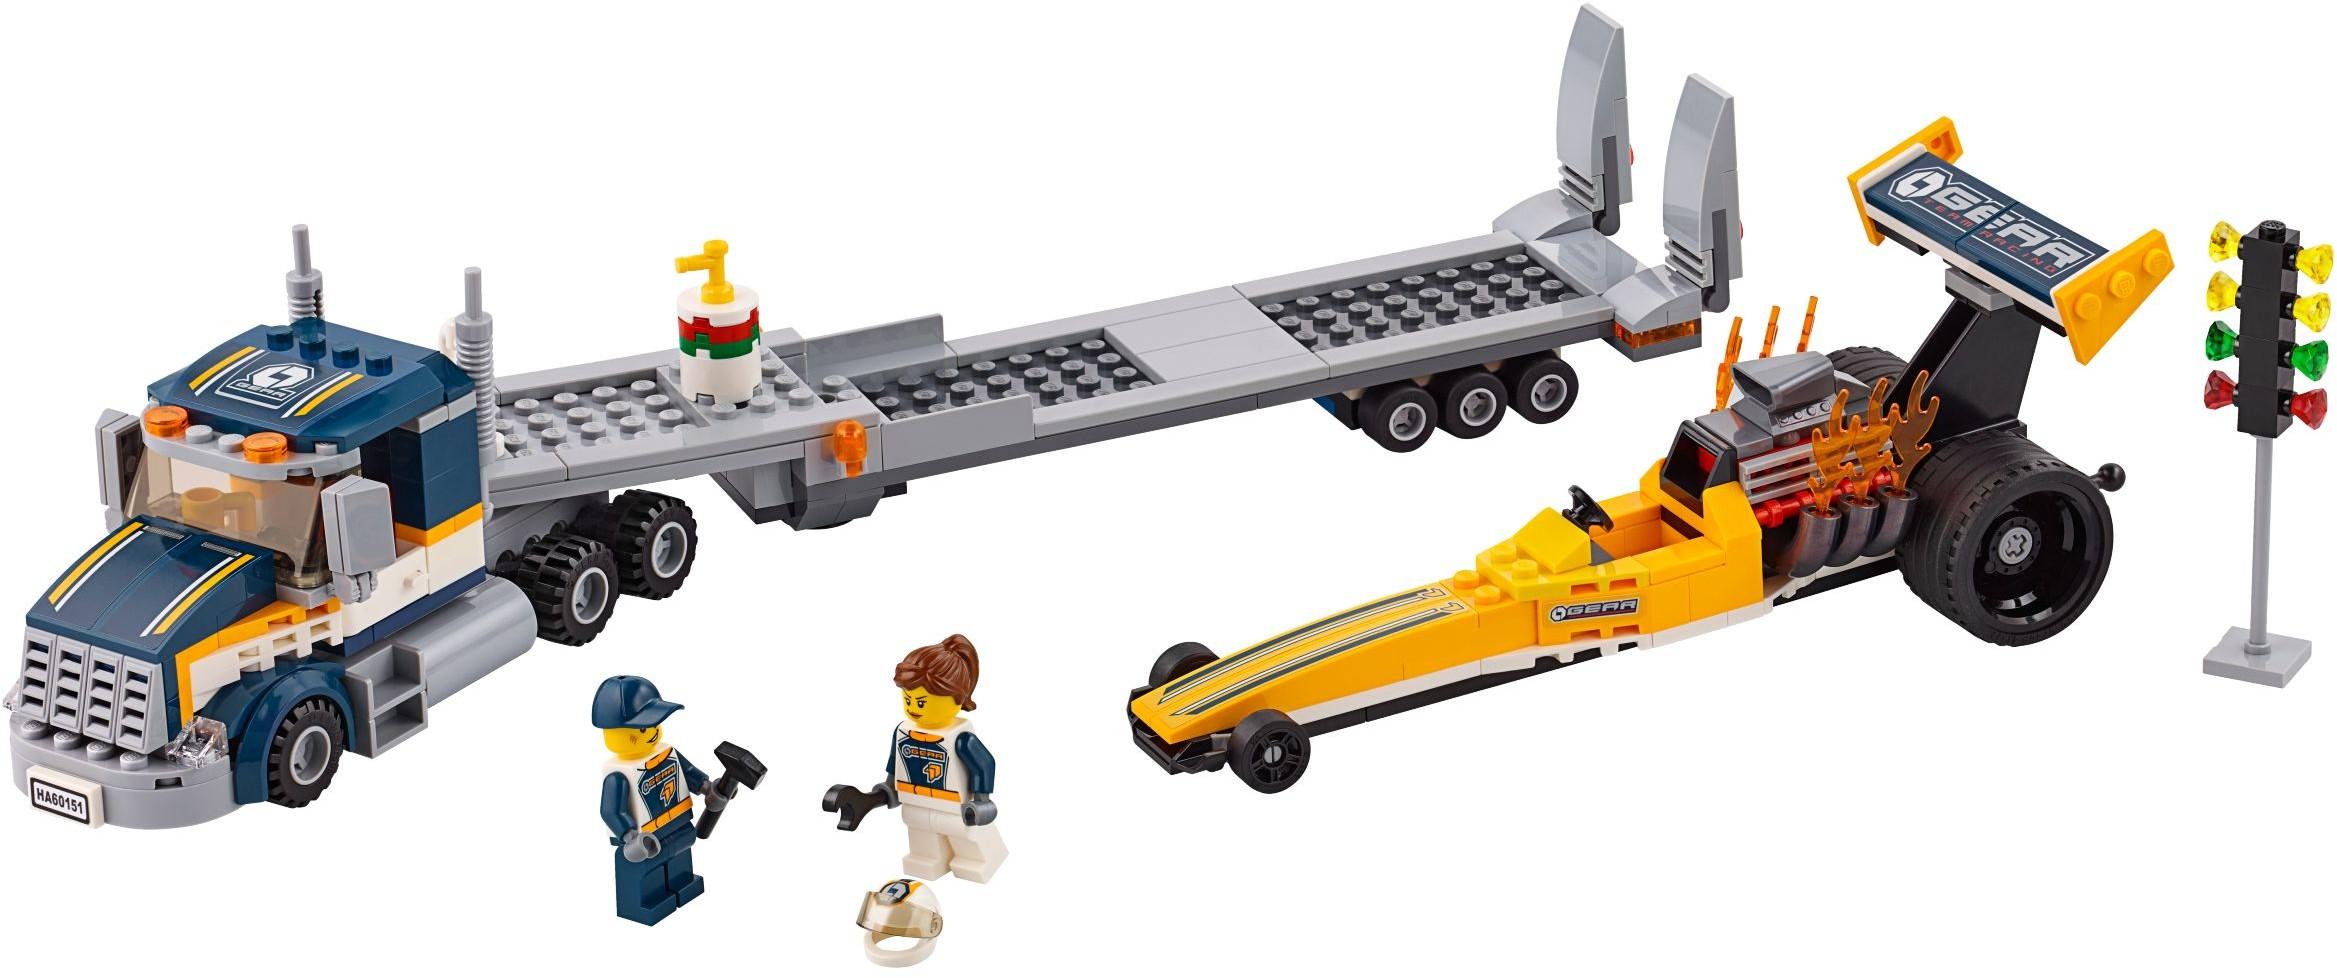 2017 City Brickset Lego Set Guide And Database